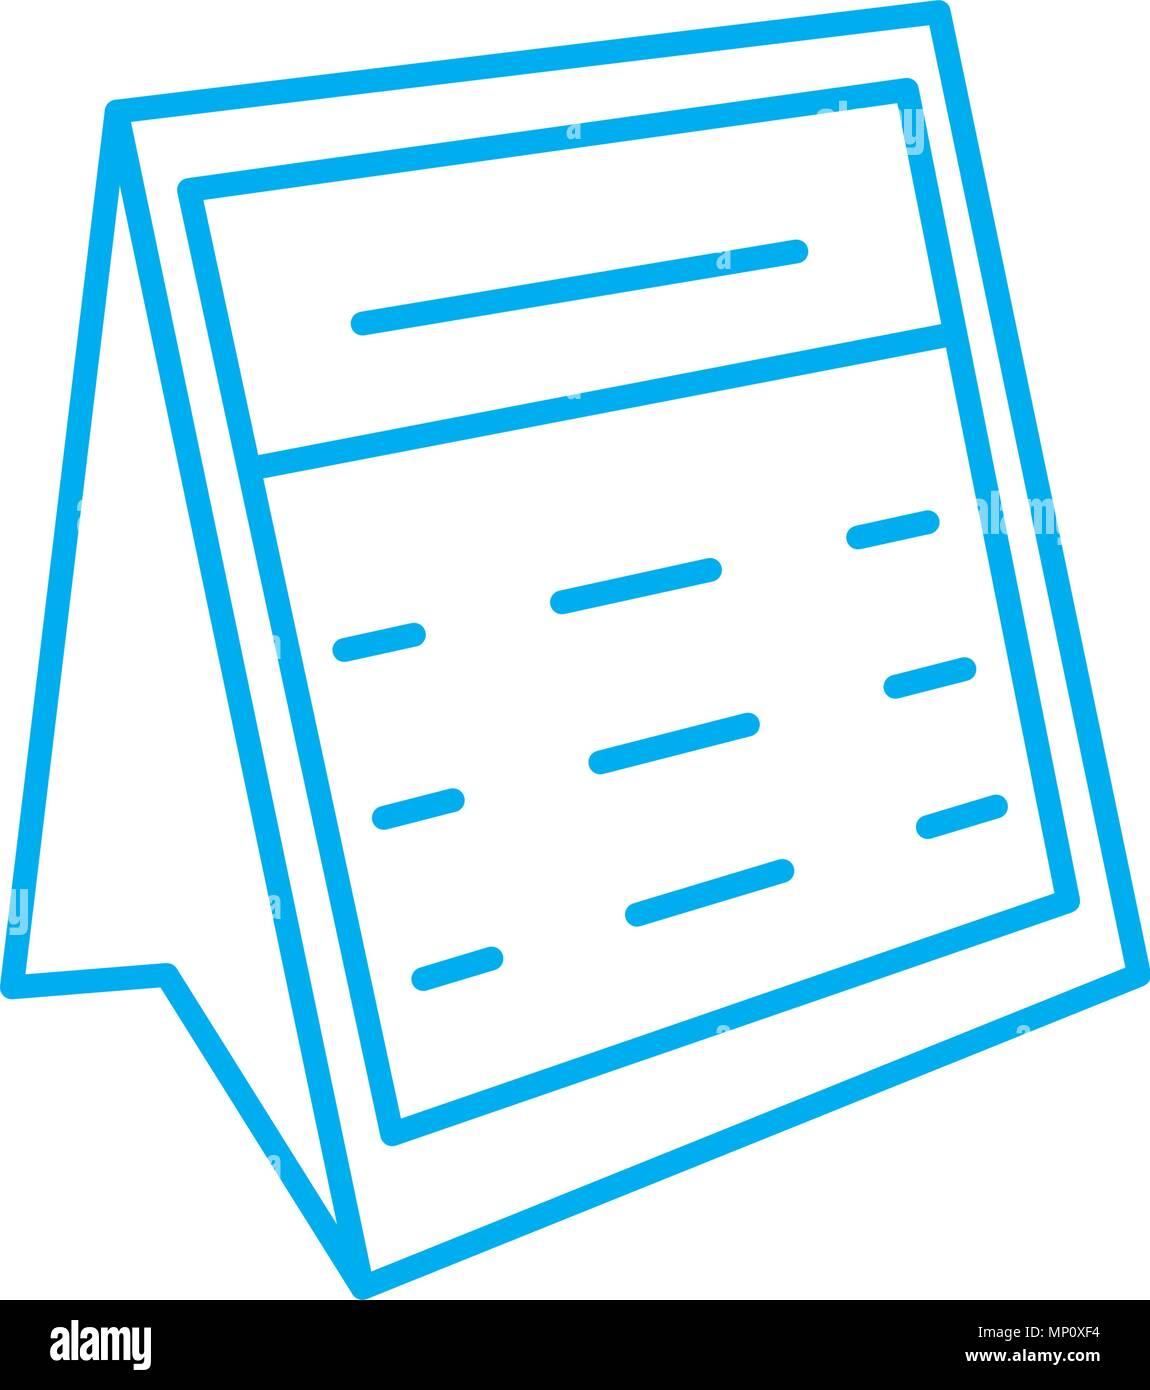 Calendario Lineal.Calendario De Escritorio Icono Lineal Concepto Calendario